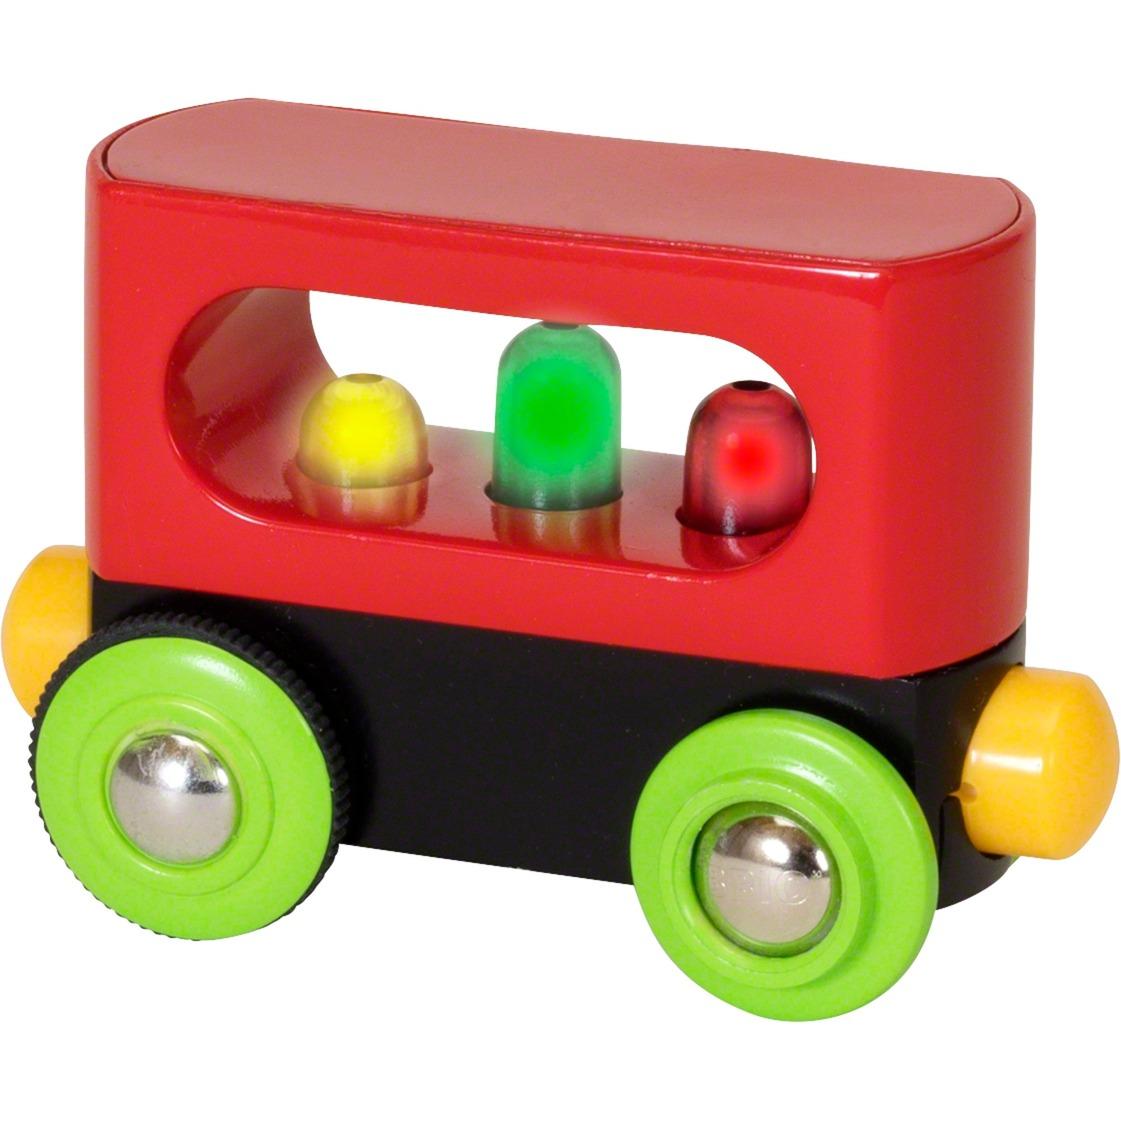 Concept - Wagon, Train